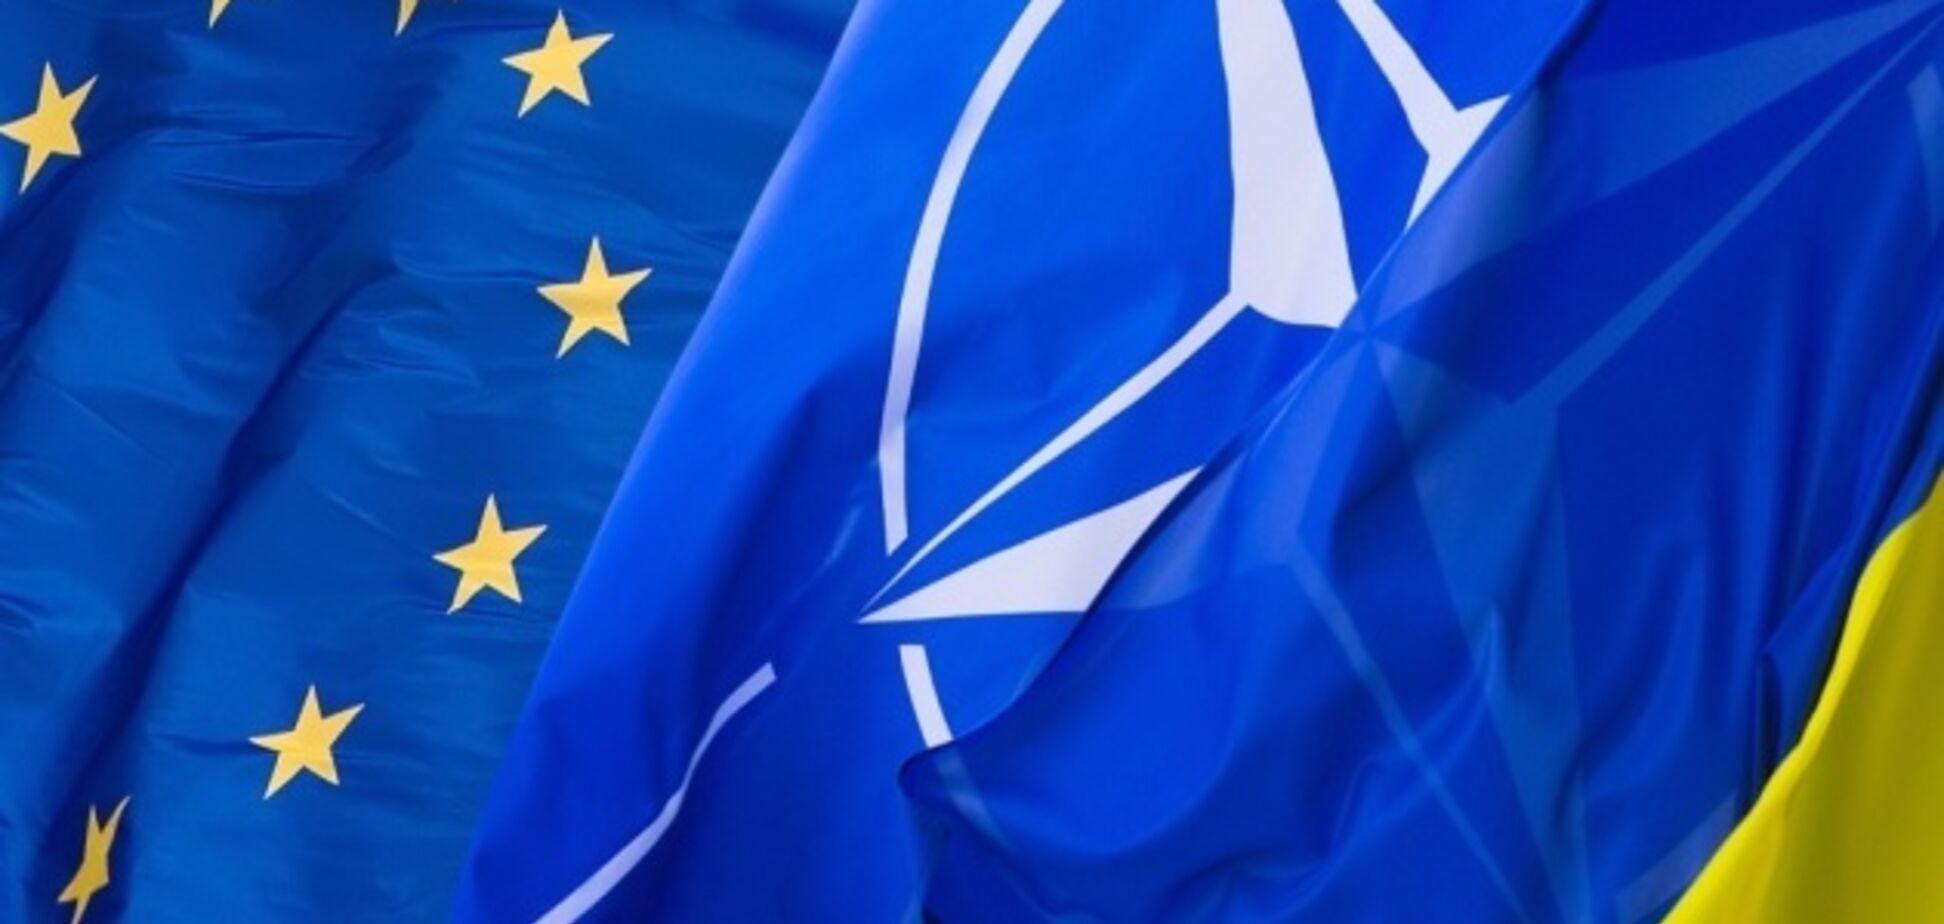 Референдум про НАТО і ЄС буде катастрофою